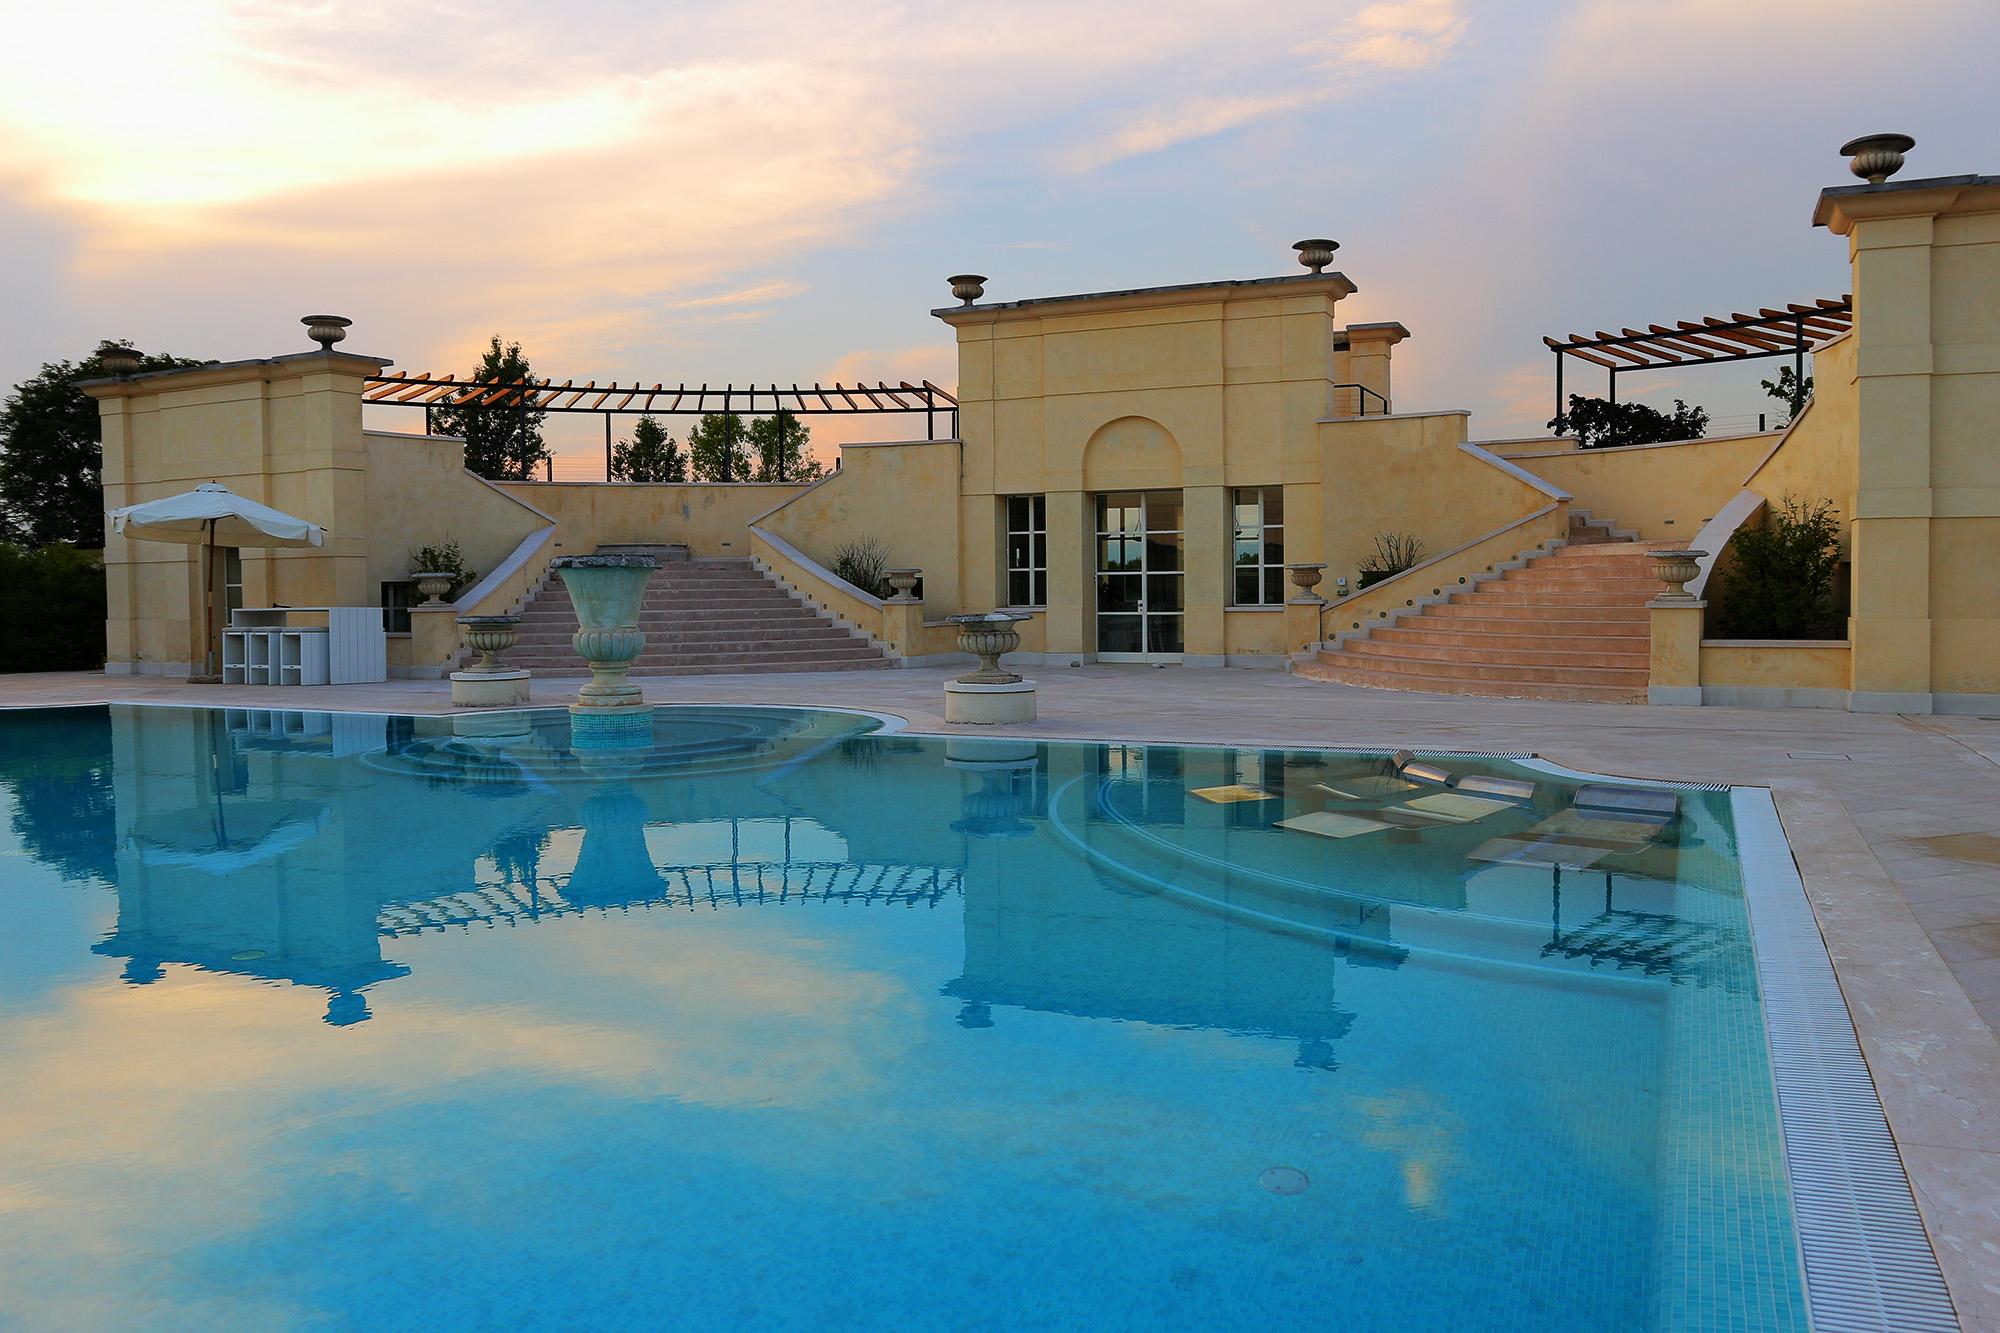 location per matrimoni a treviso con piscina